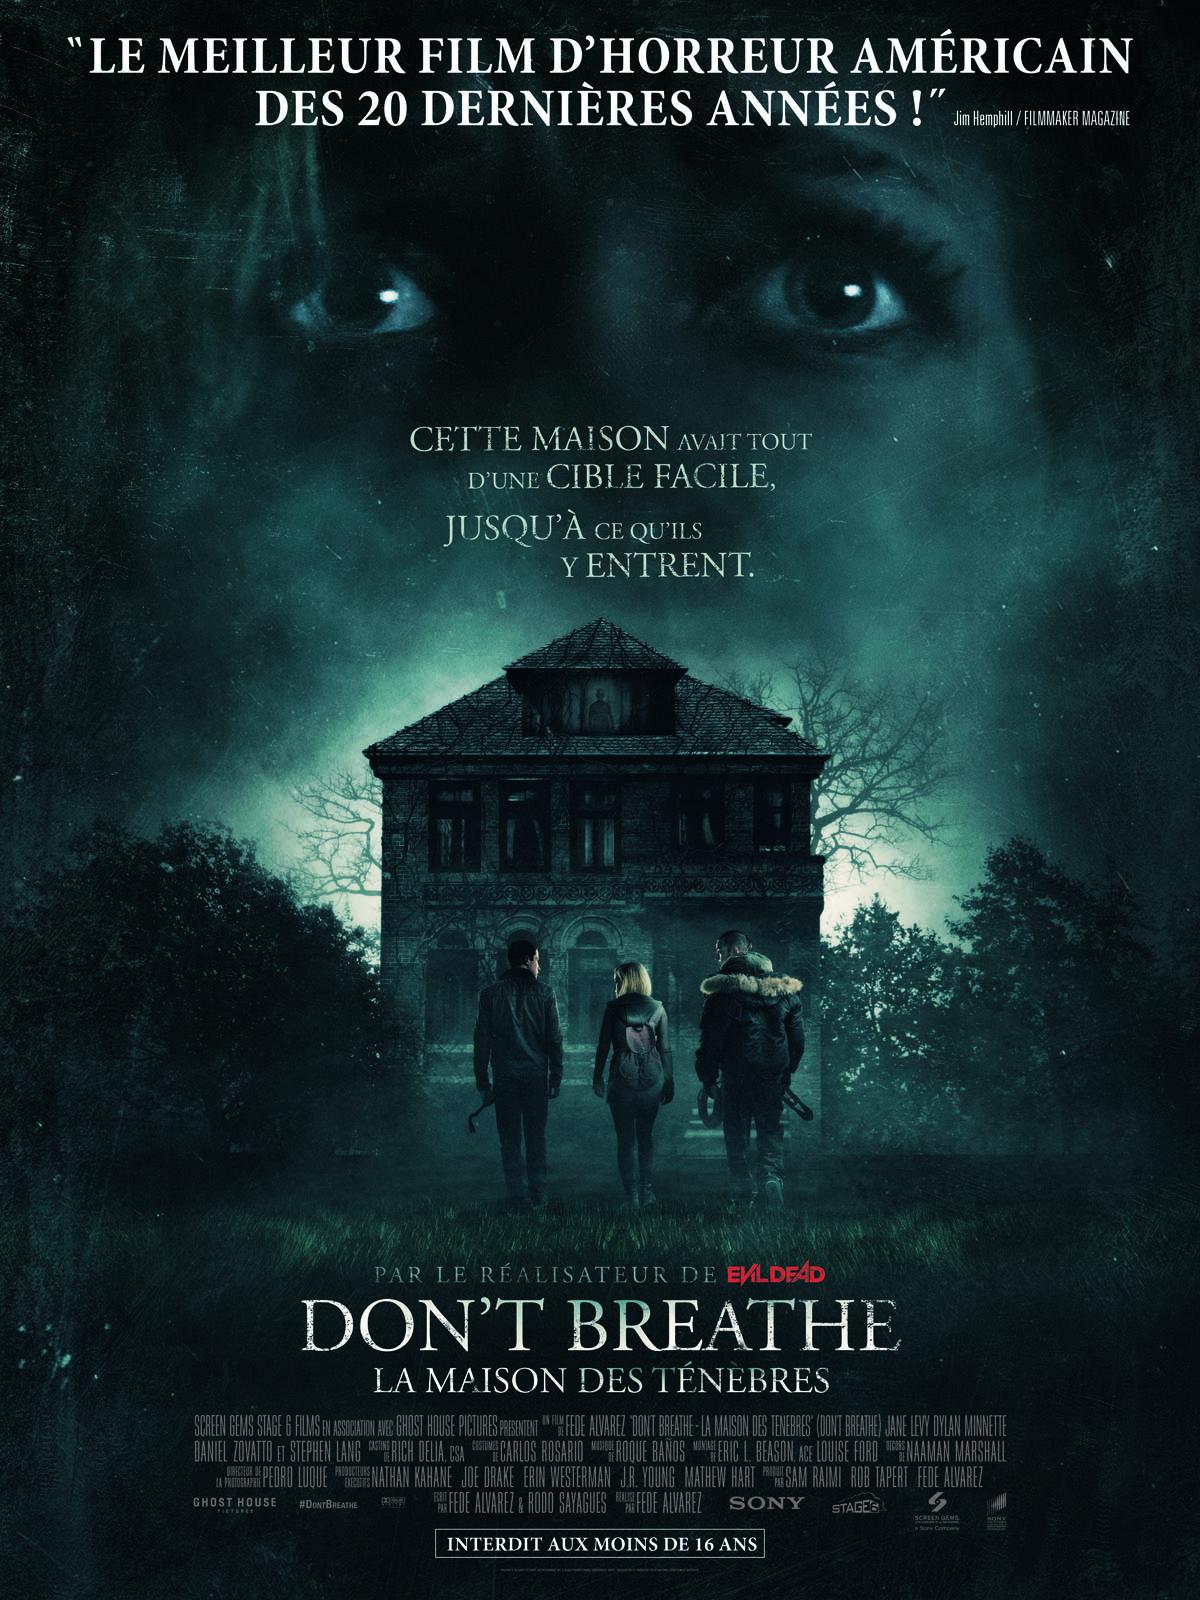 Don't Breathe - La maison des ténèbres ddl